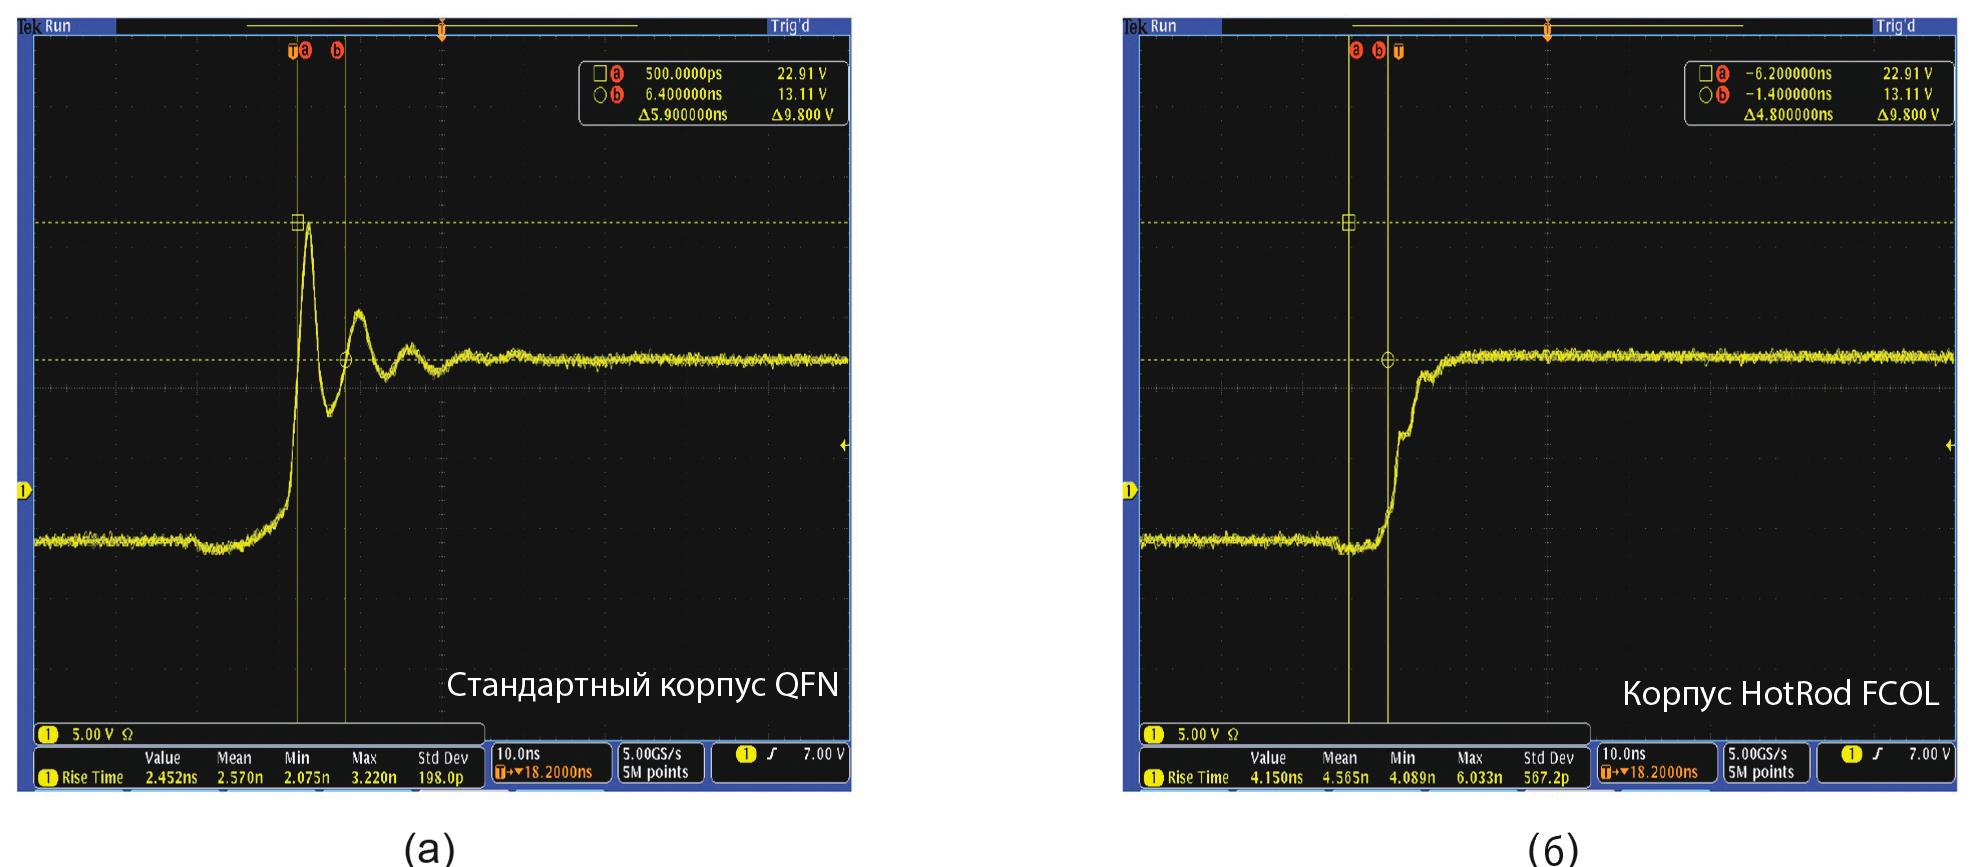 переходный процесс при коммутации в стандартном корпусе QFN  и в специально разработанном корпусе HotRod FCOL